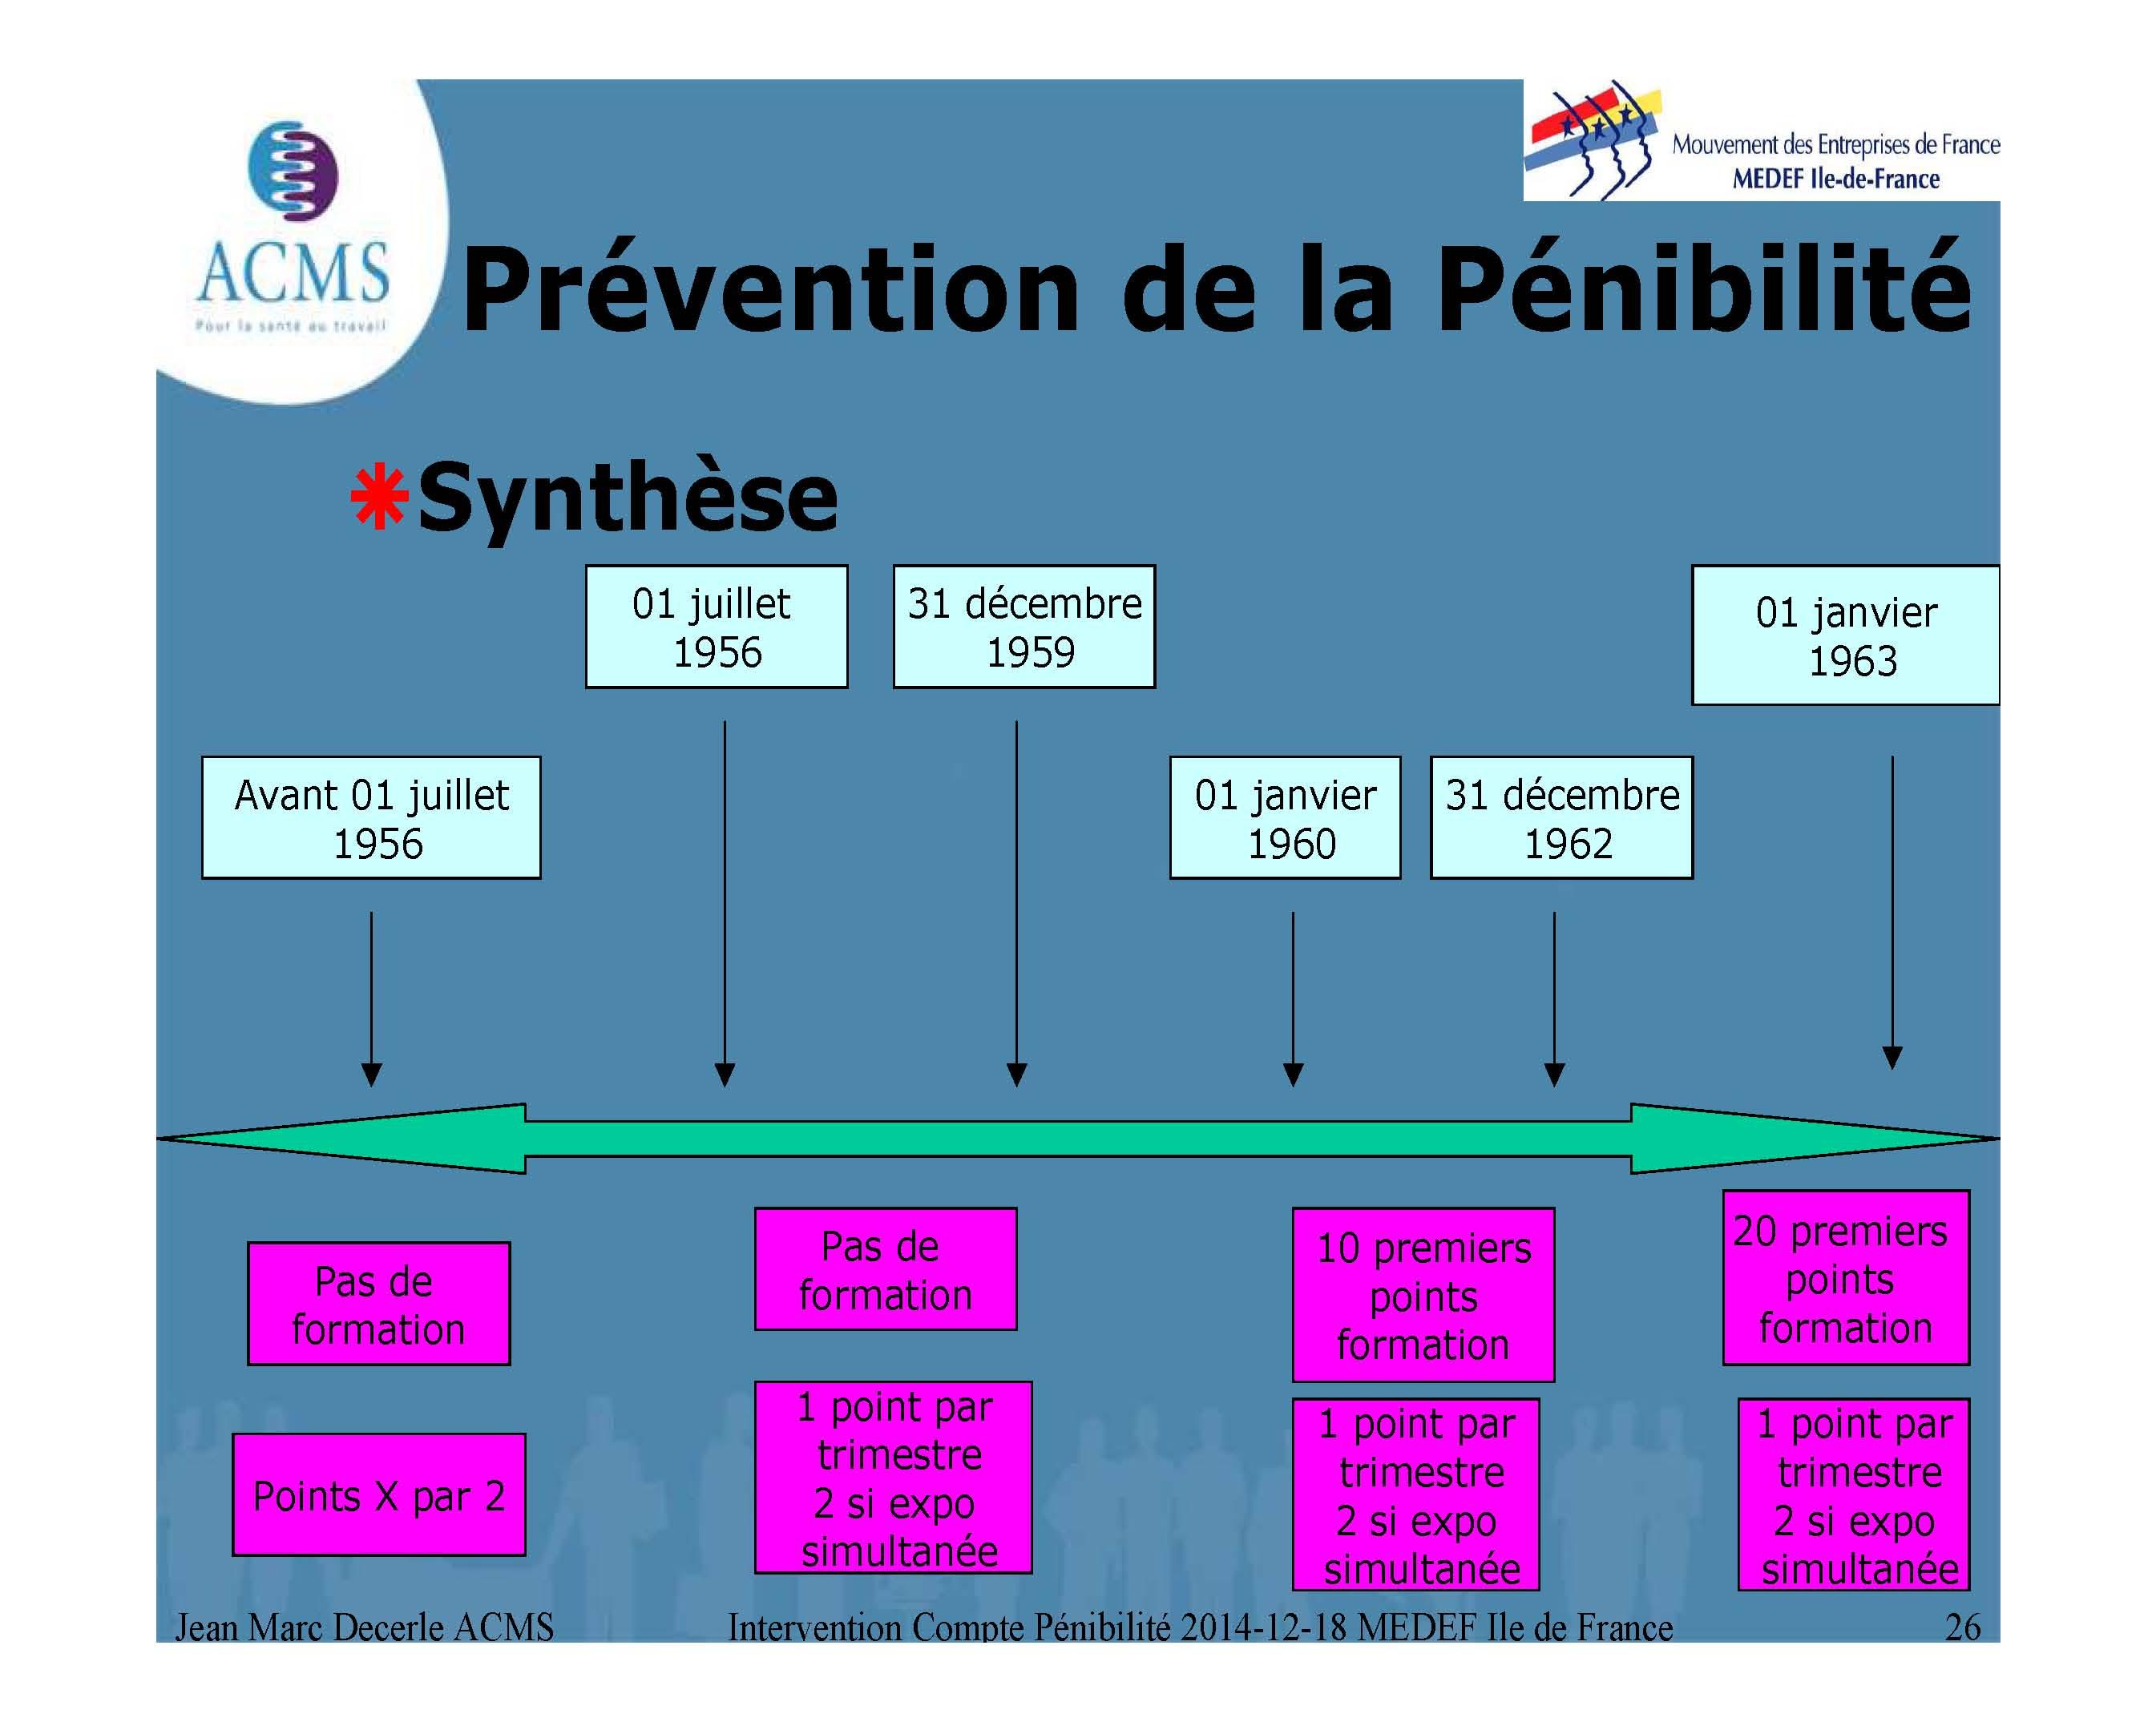 2014-12-18 Compte Pénibilite MEDEF Ile de France_Page_26